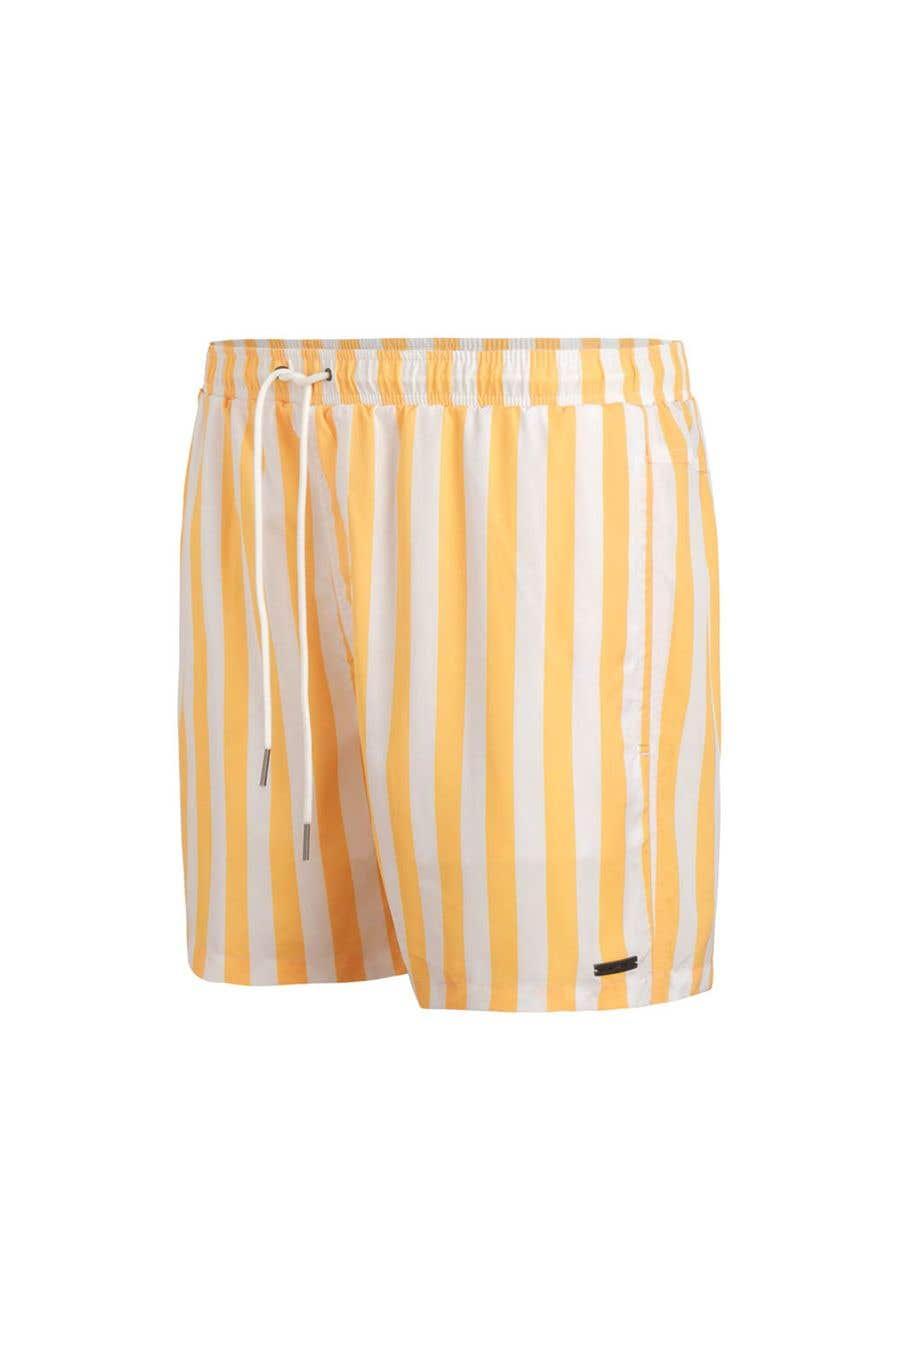 Bài tham dự cuộc thi #                                        12                                      cho                                         Mens swim suit with pocket shirt matching design!